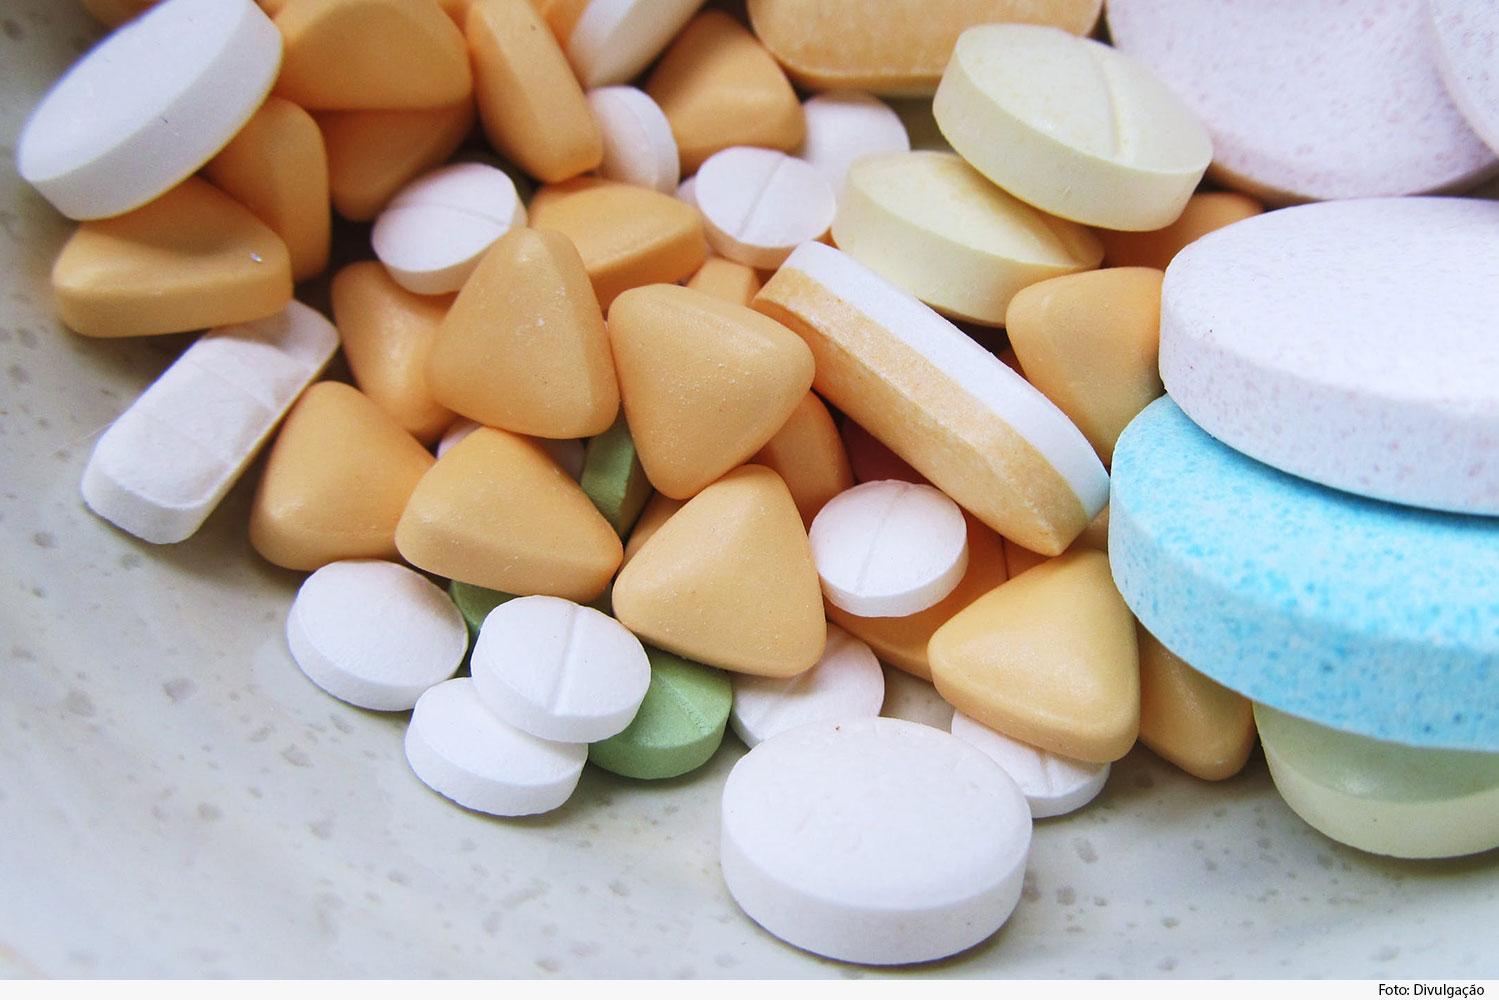 Comprimidos variados de medicamentos